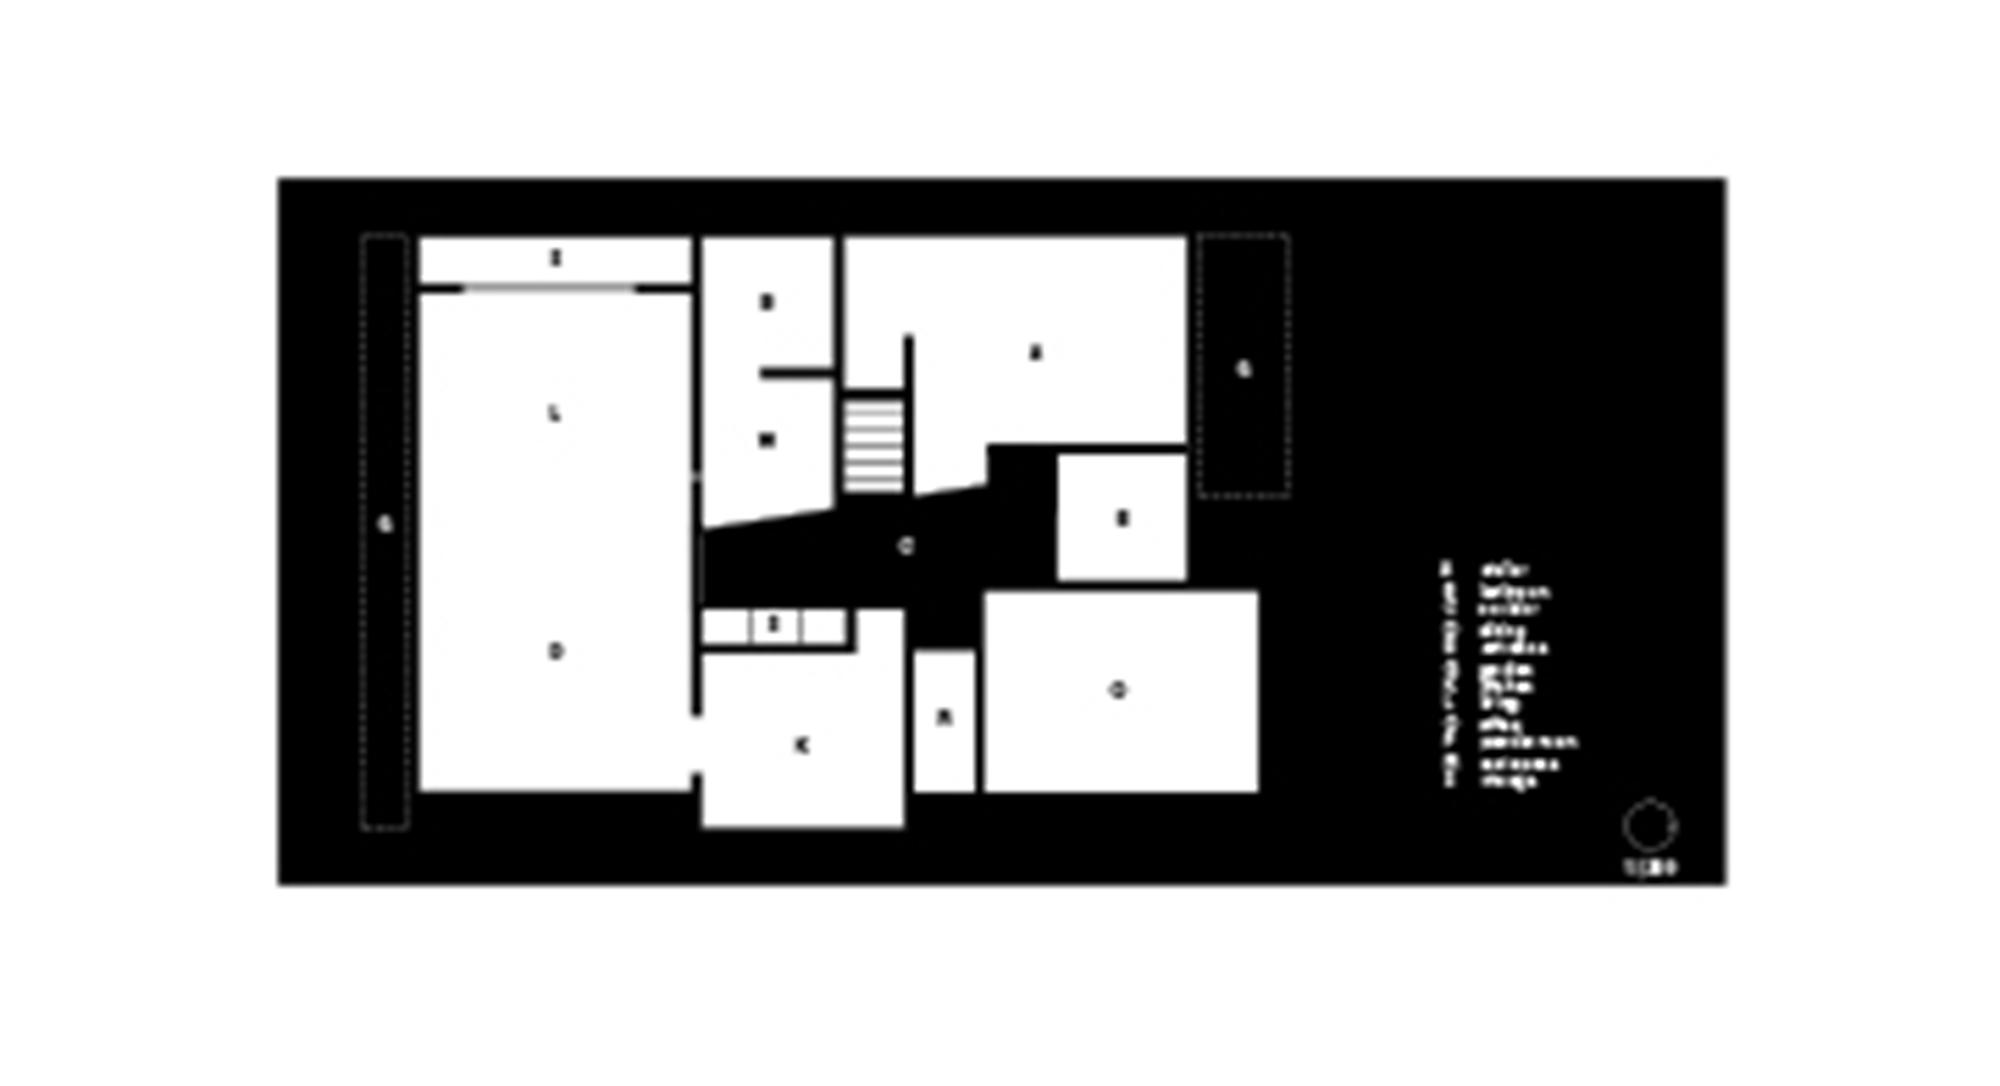 Planos de House for an installation